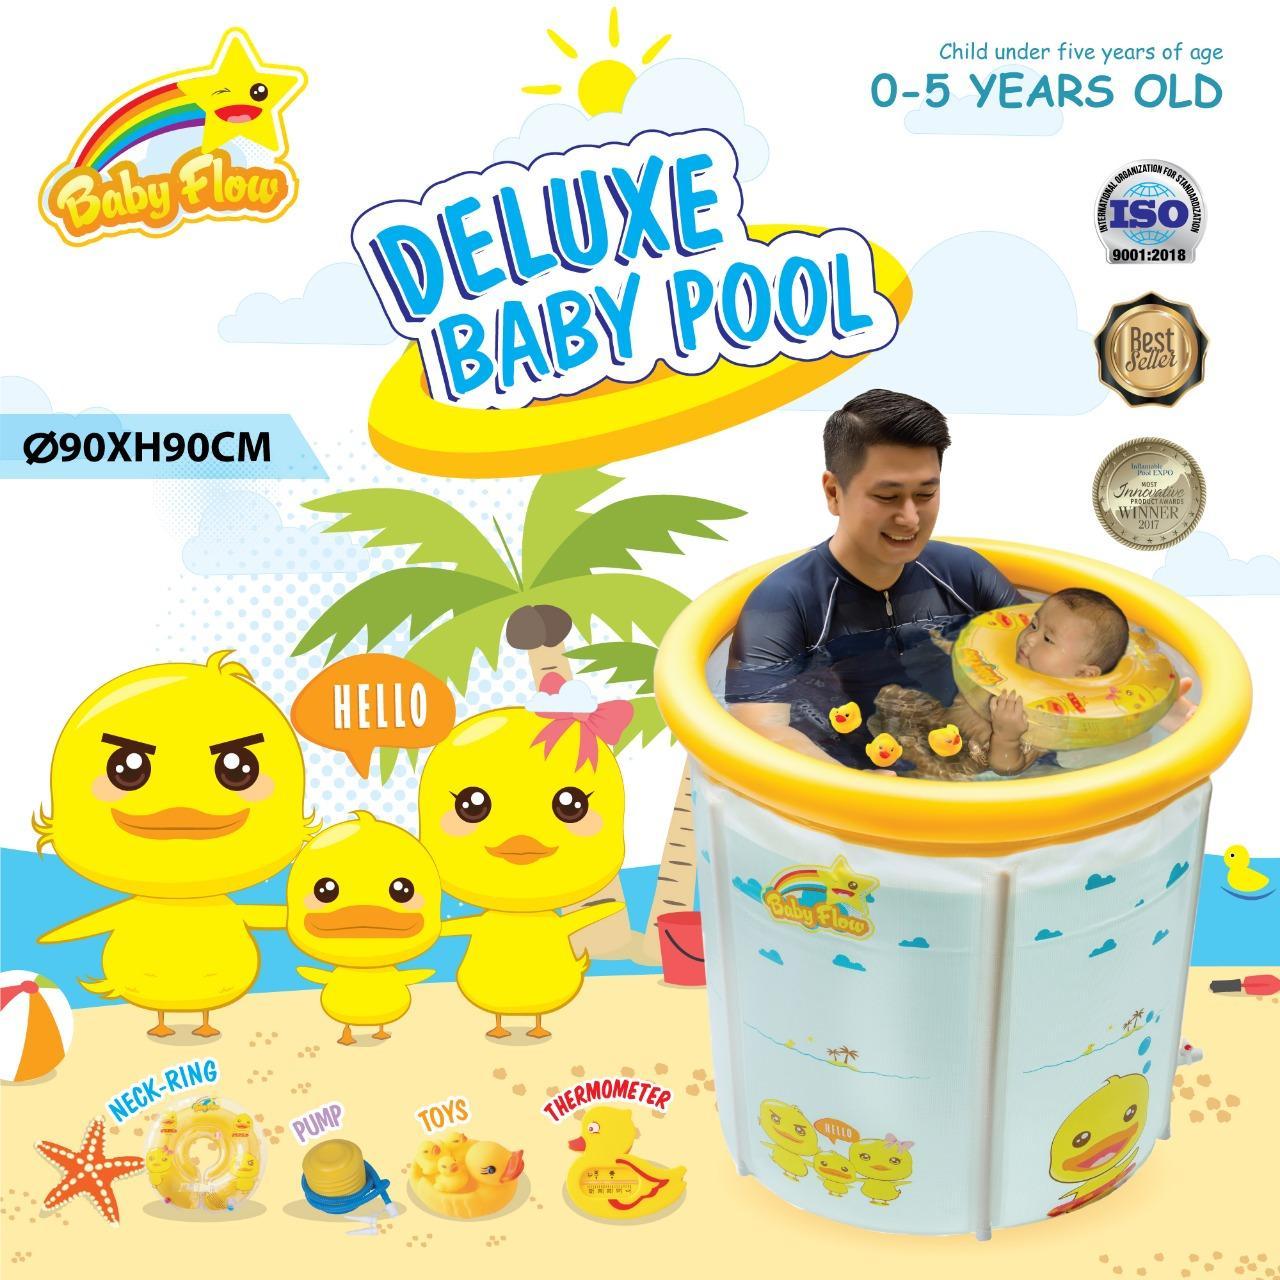 Kelebihan Sugar Baby Premium Swimming Pool Terkini Daftar Sugarbaby Kolam Renang Bayi Spa Bubble Time Original Flow Deluxe Jumbo 90x90cm Duck Yellow